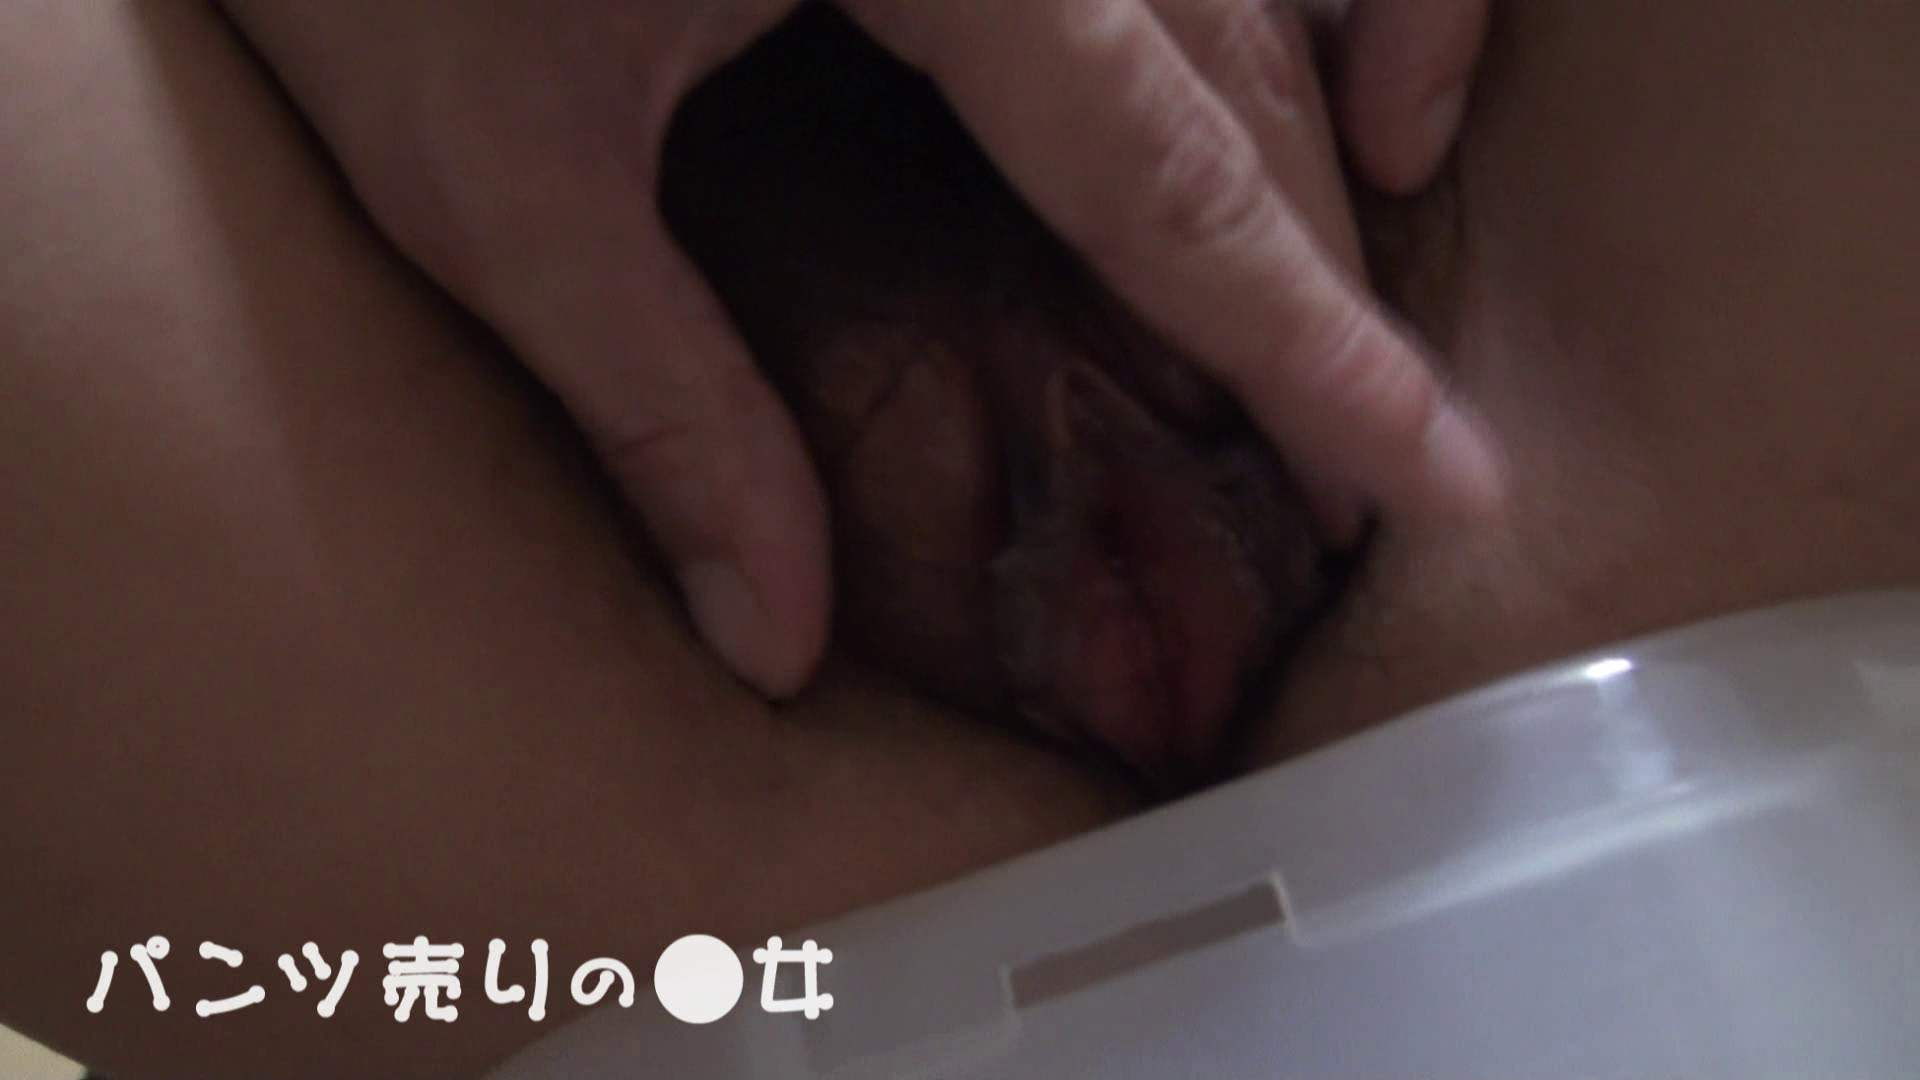 新説 パンツ売りの女の子nana02 盗撮 覗きおまんこ画像 103PIX 38